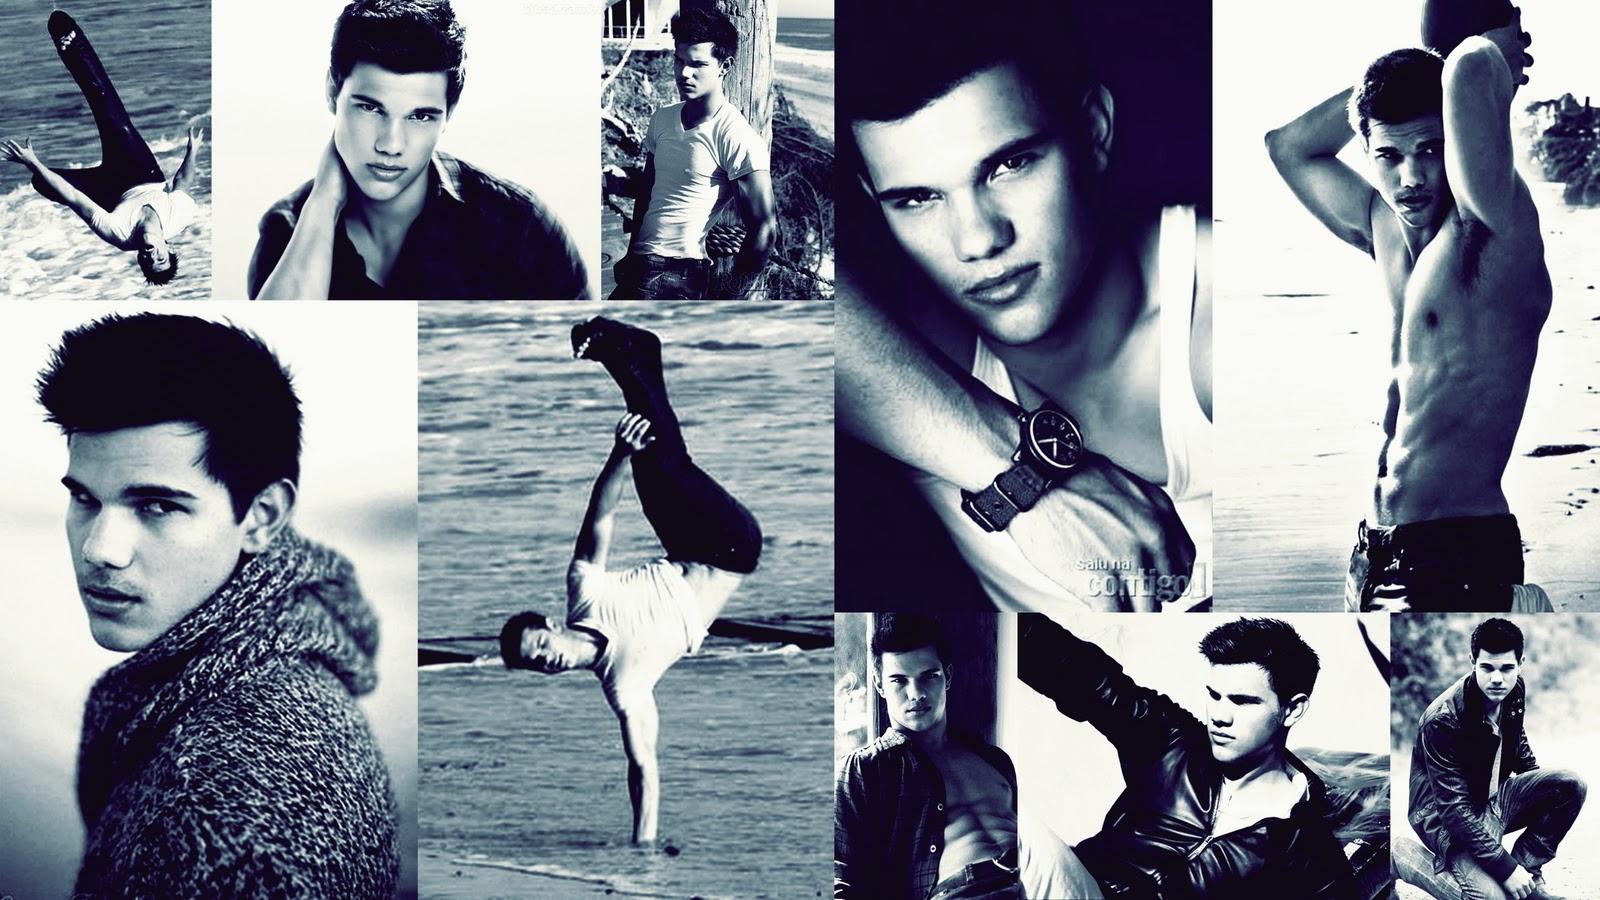 http://4.bp.blogspot.com/_gIL5cWT5xHk/TRIxIVlSO7I/AAAAAAAAAAo/2Y9AzcinQ4U/s1600/Taylor+Lautner.jpg